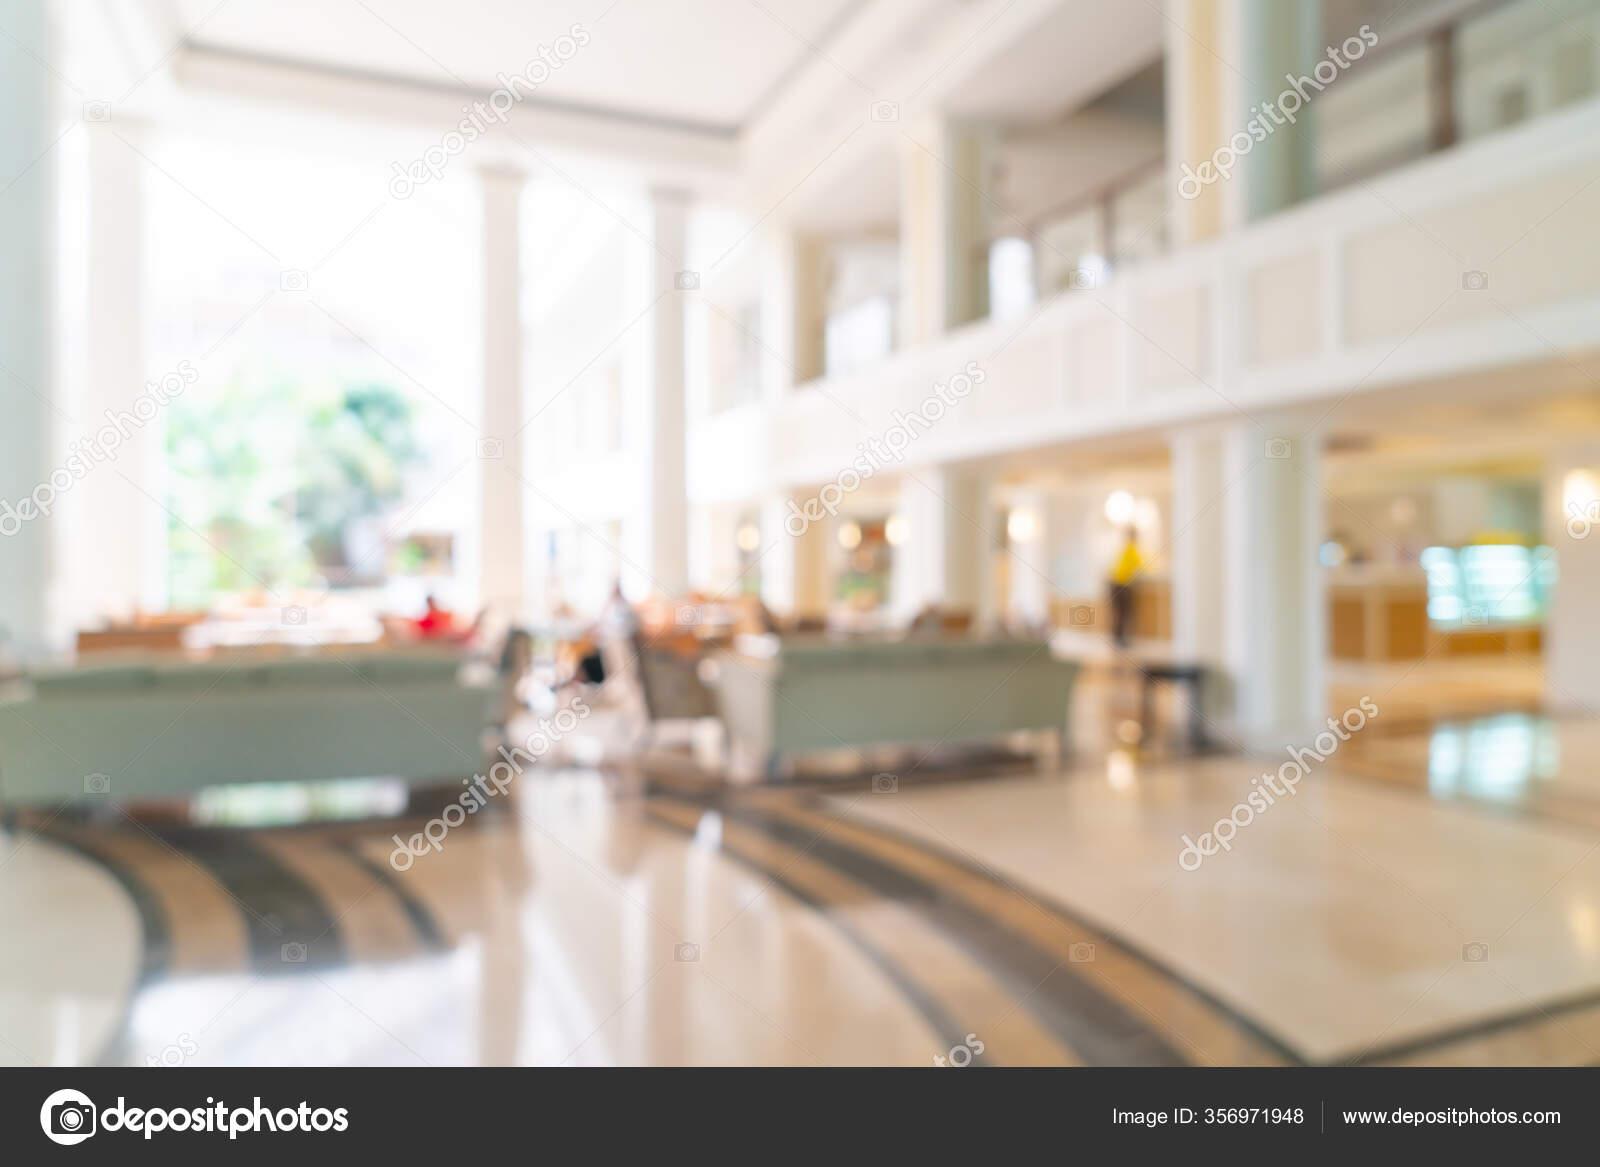 Abstrato Borrao Hotel Luxo Lobby Lounge Para Fundo Stock Photo C Topntp 356971948